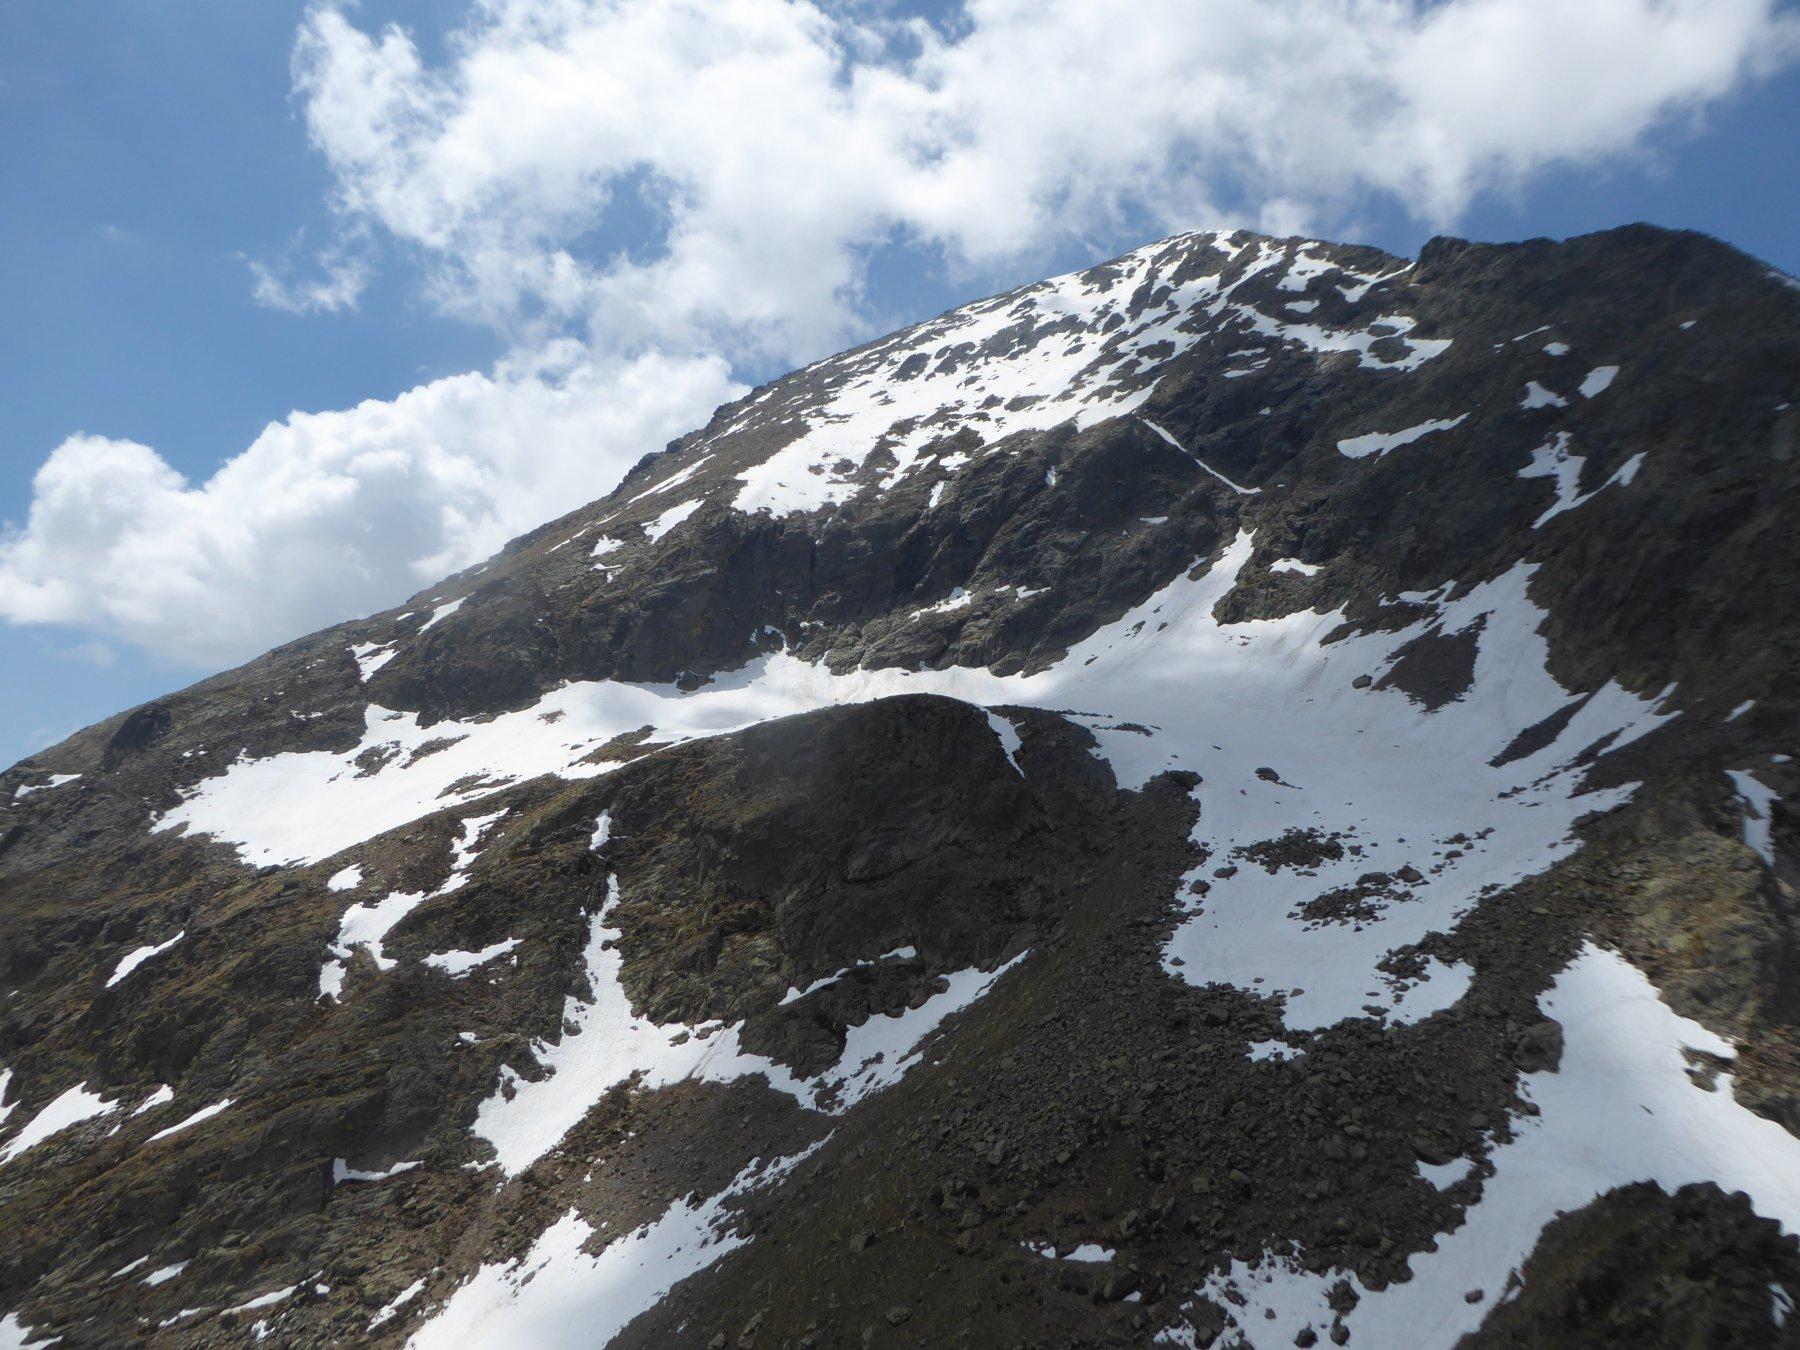 la conca attraversata da destra a sinistra, in basso a destra il colle Laroussa